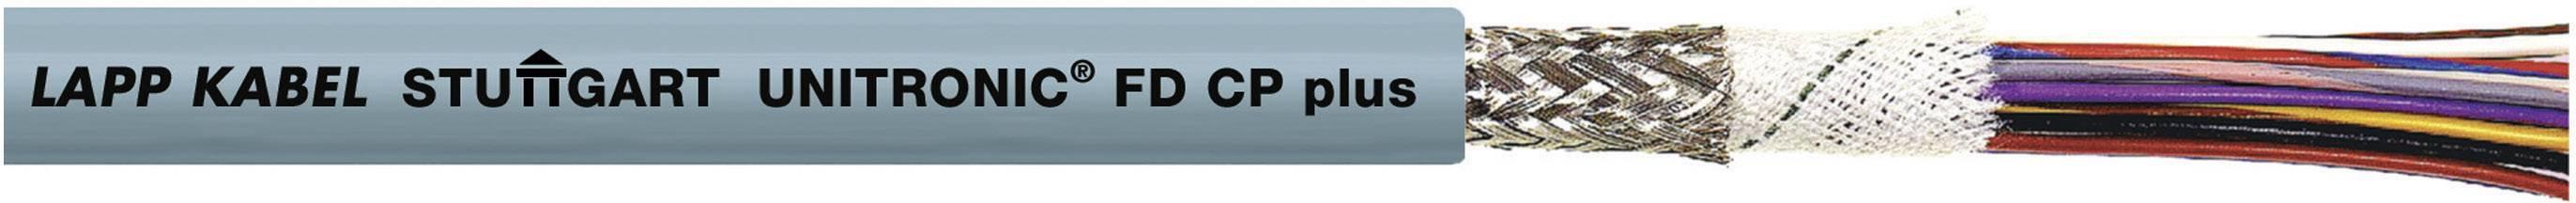 Datový kabel LappKabel UNITRONIC FD CP PLUS 25X0,34 (0028906), 25x 0,34 mm², Ø 12,5 mm, stíněný, 100 m, šedá